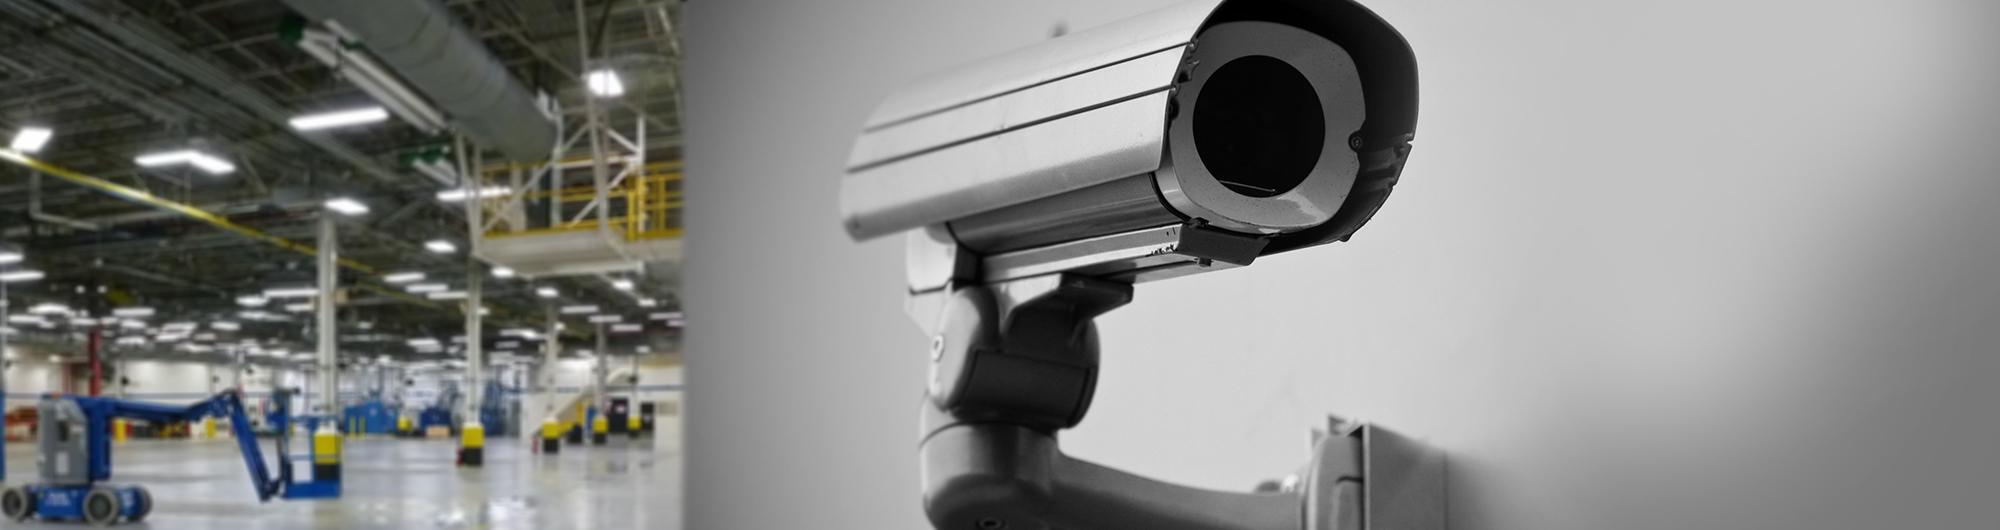 Palm Beach Security Cameras